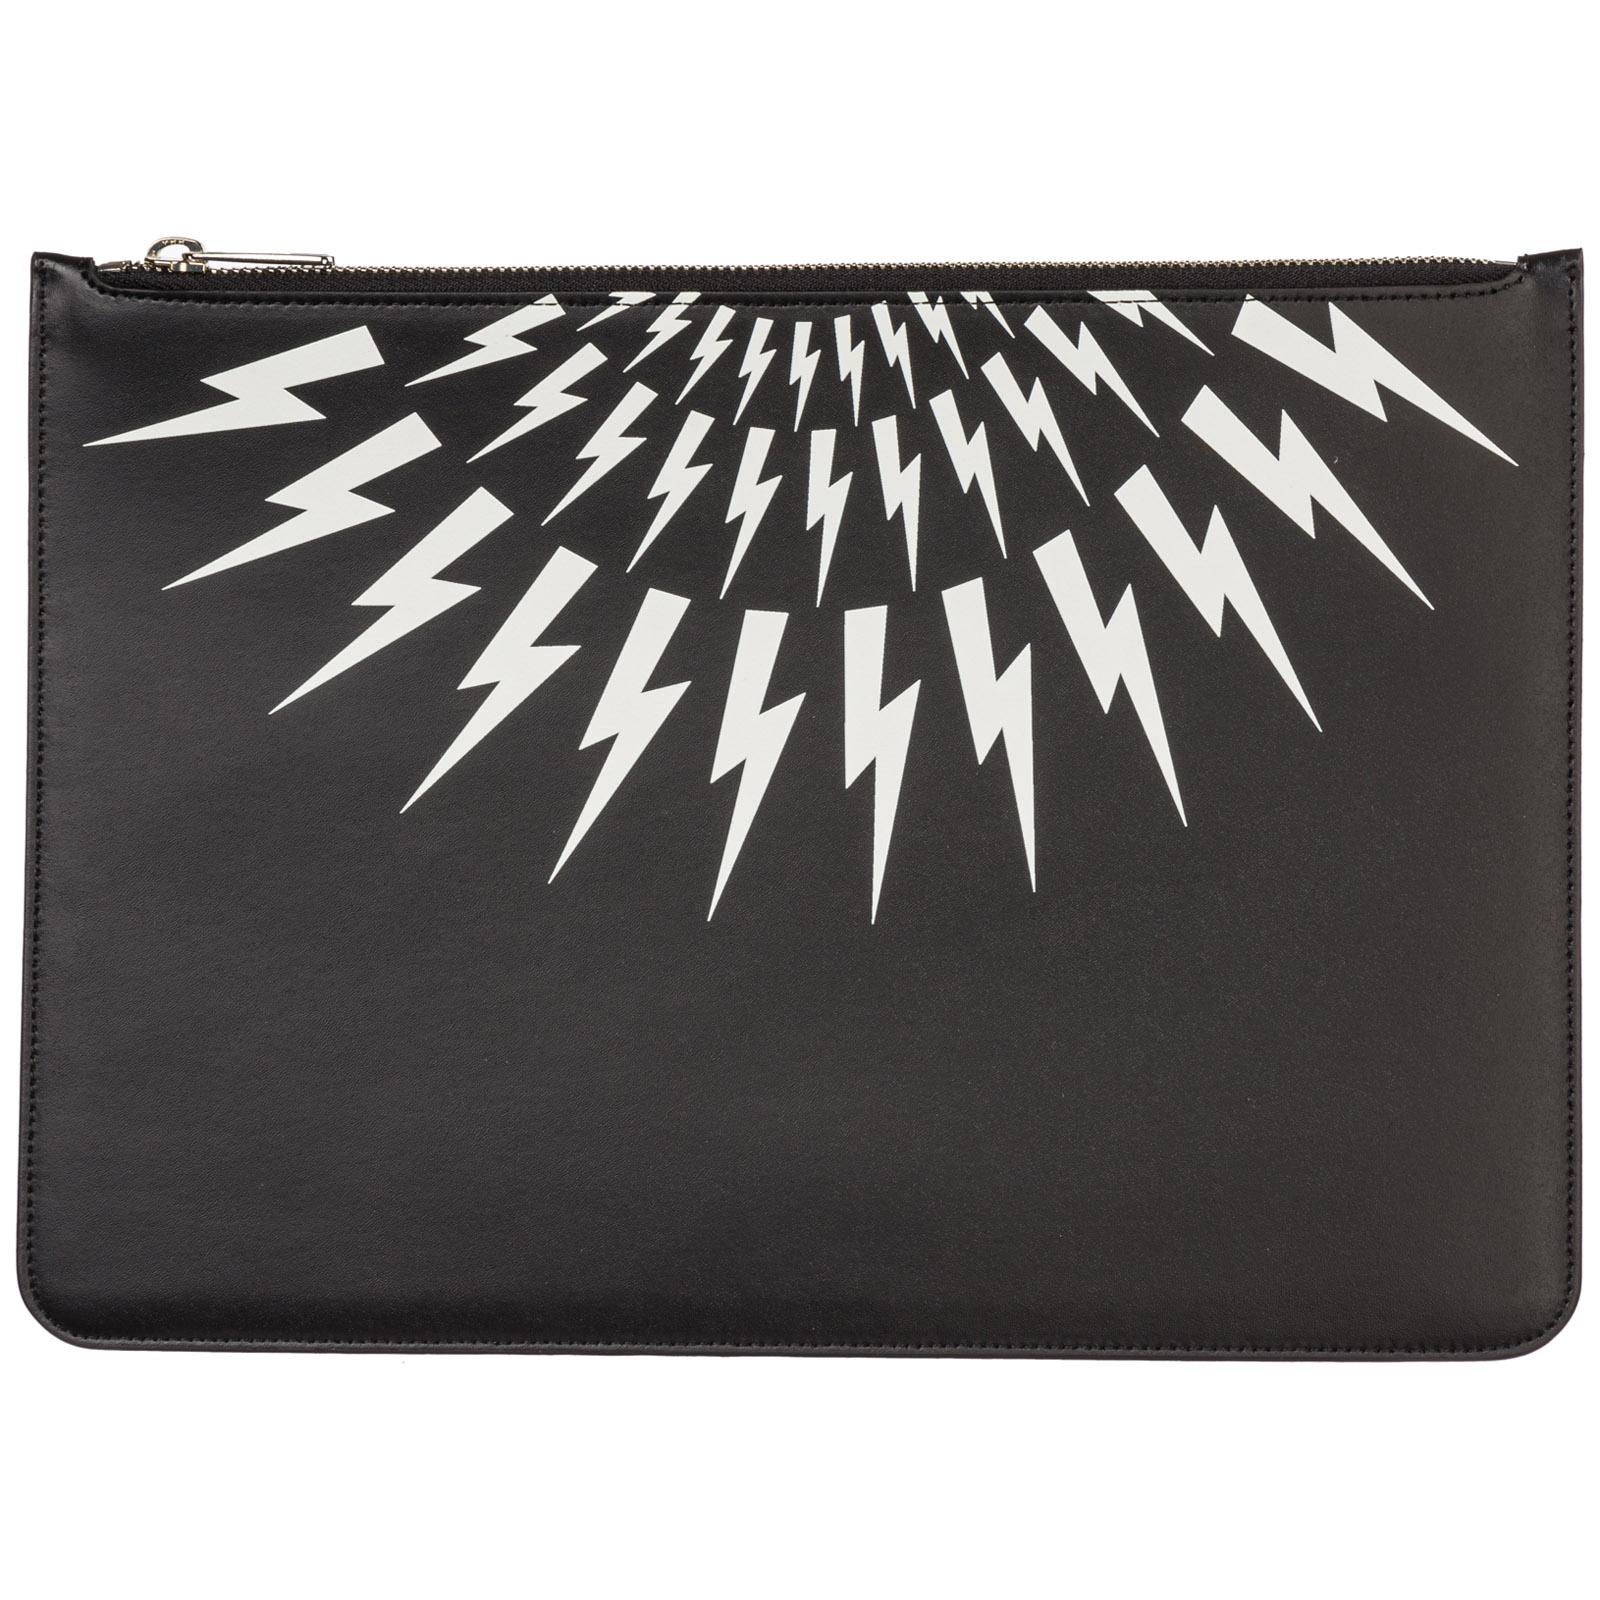 Neil Barrett Men's Bag Handbag Genuine Leather  Thunderbolt Fair-Isle In Black